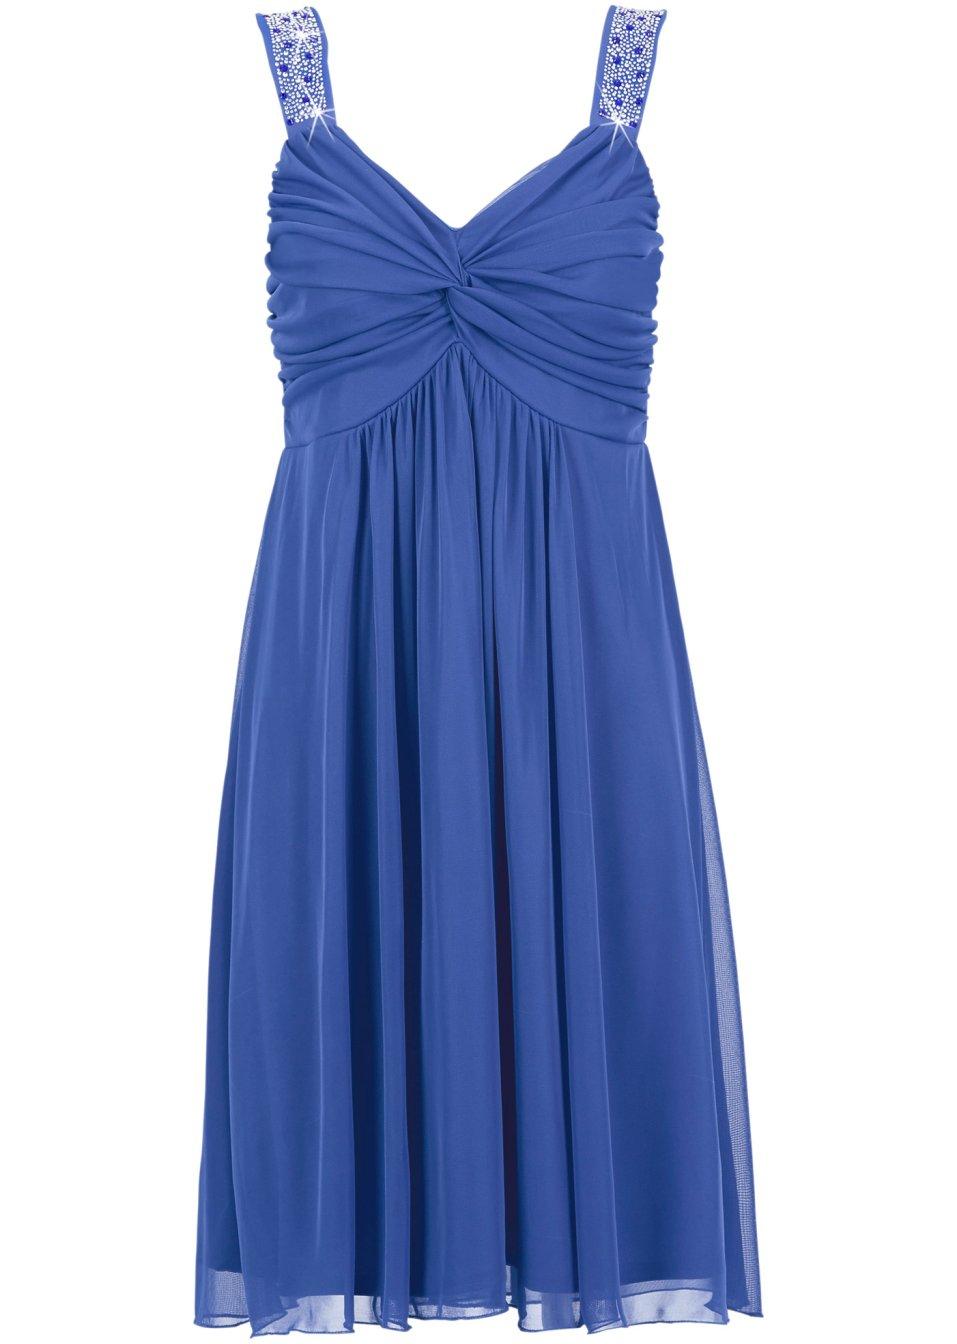 Robe bleu roi femme for Bonprix kleider hochzeit